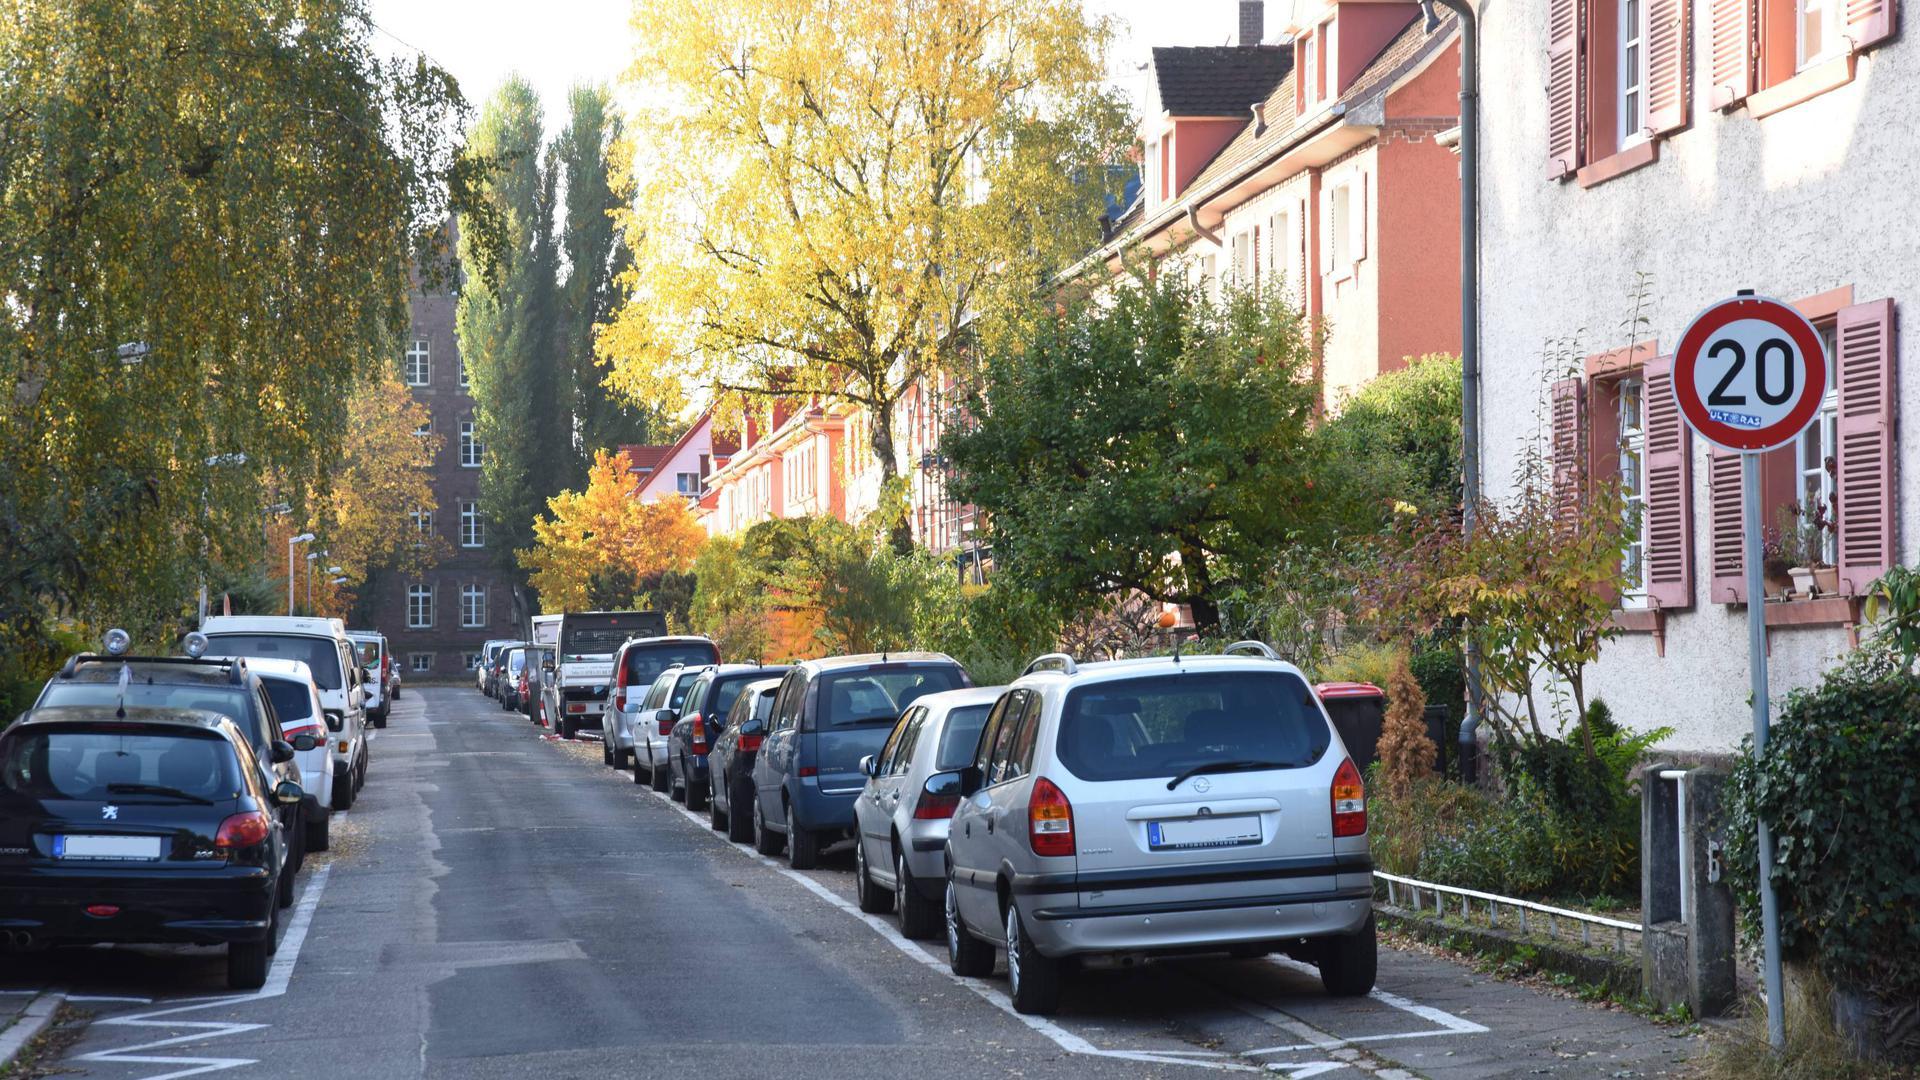 Nur noch auf markierten Gehwegen darf in Karlsruhe geparkt werden. Das Foto entstand in der Gustav-Binz-Straße in der Hardtwaldsiedlung.